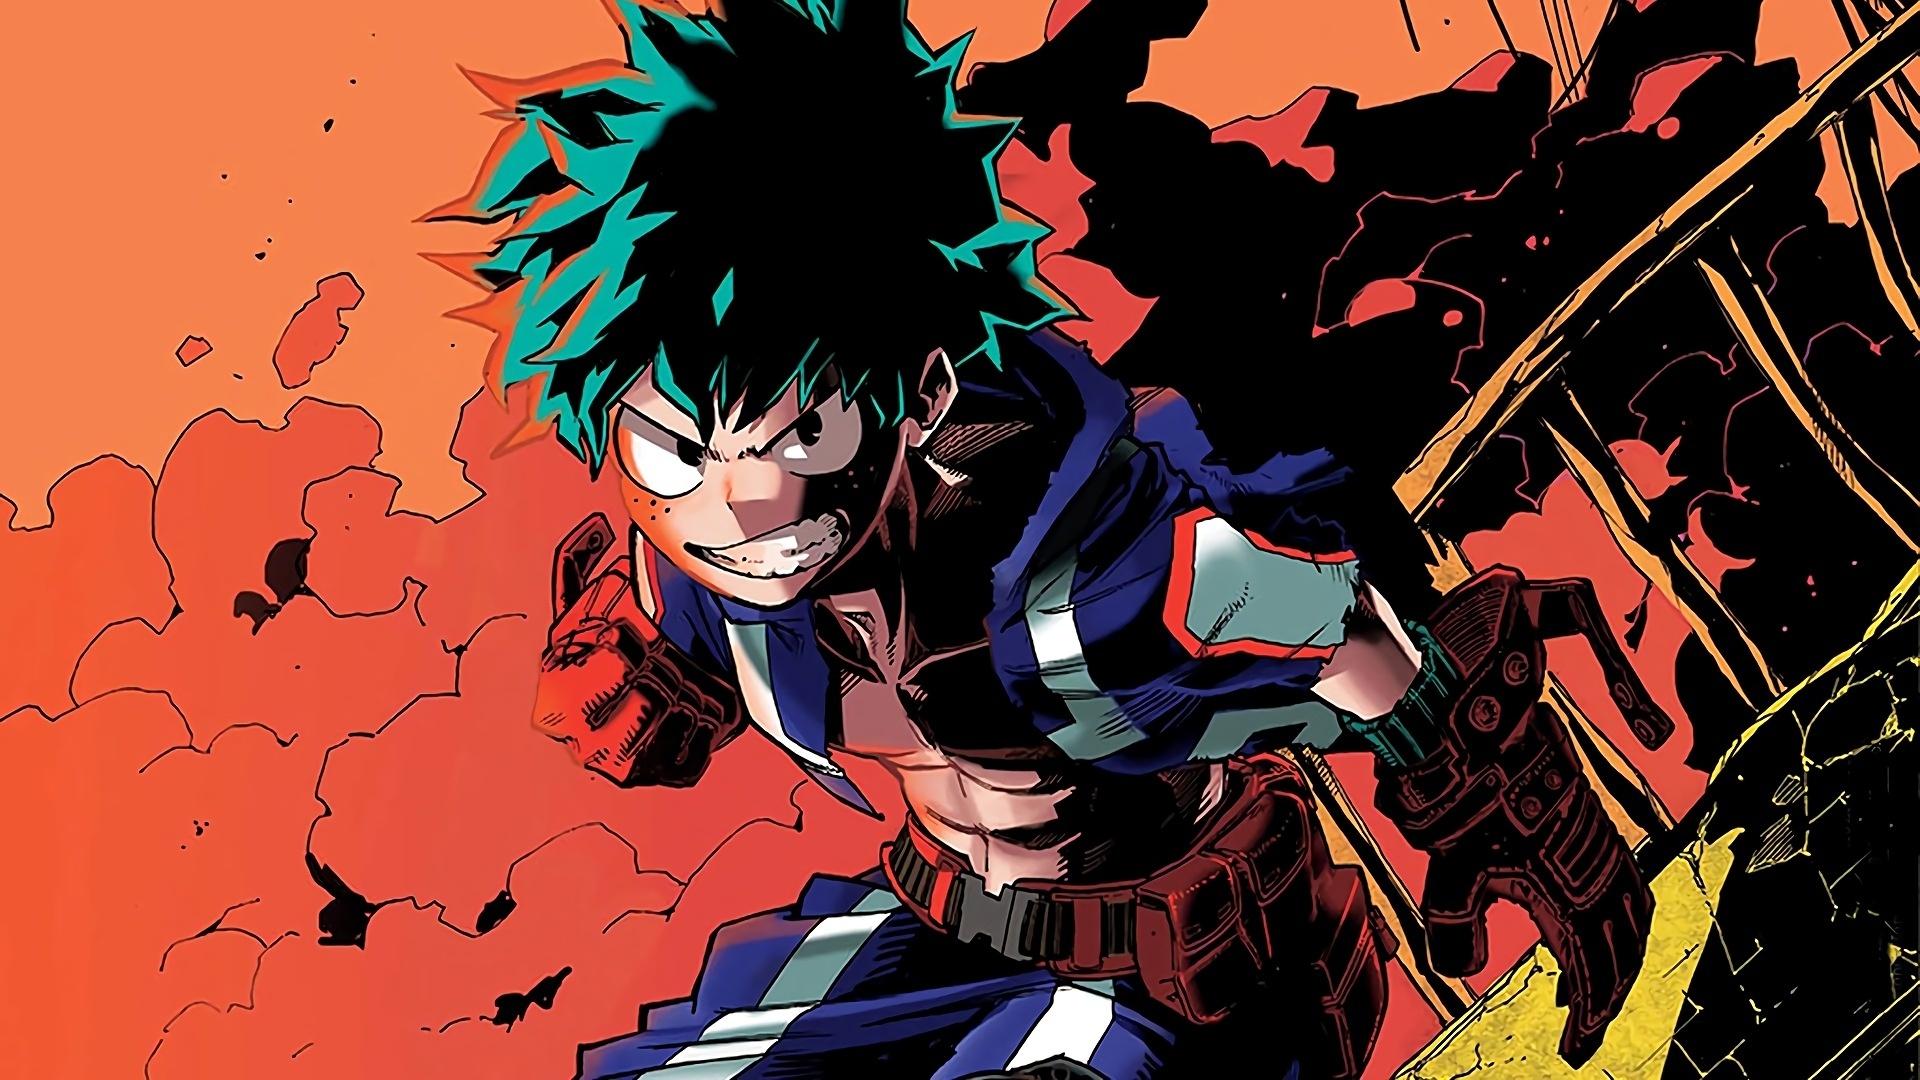 Izuku Midoriya Boku No Hero Academia Wallpaper #30193 desktop wallpaper